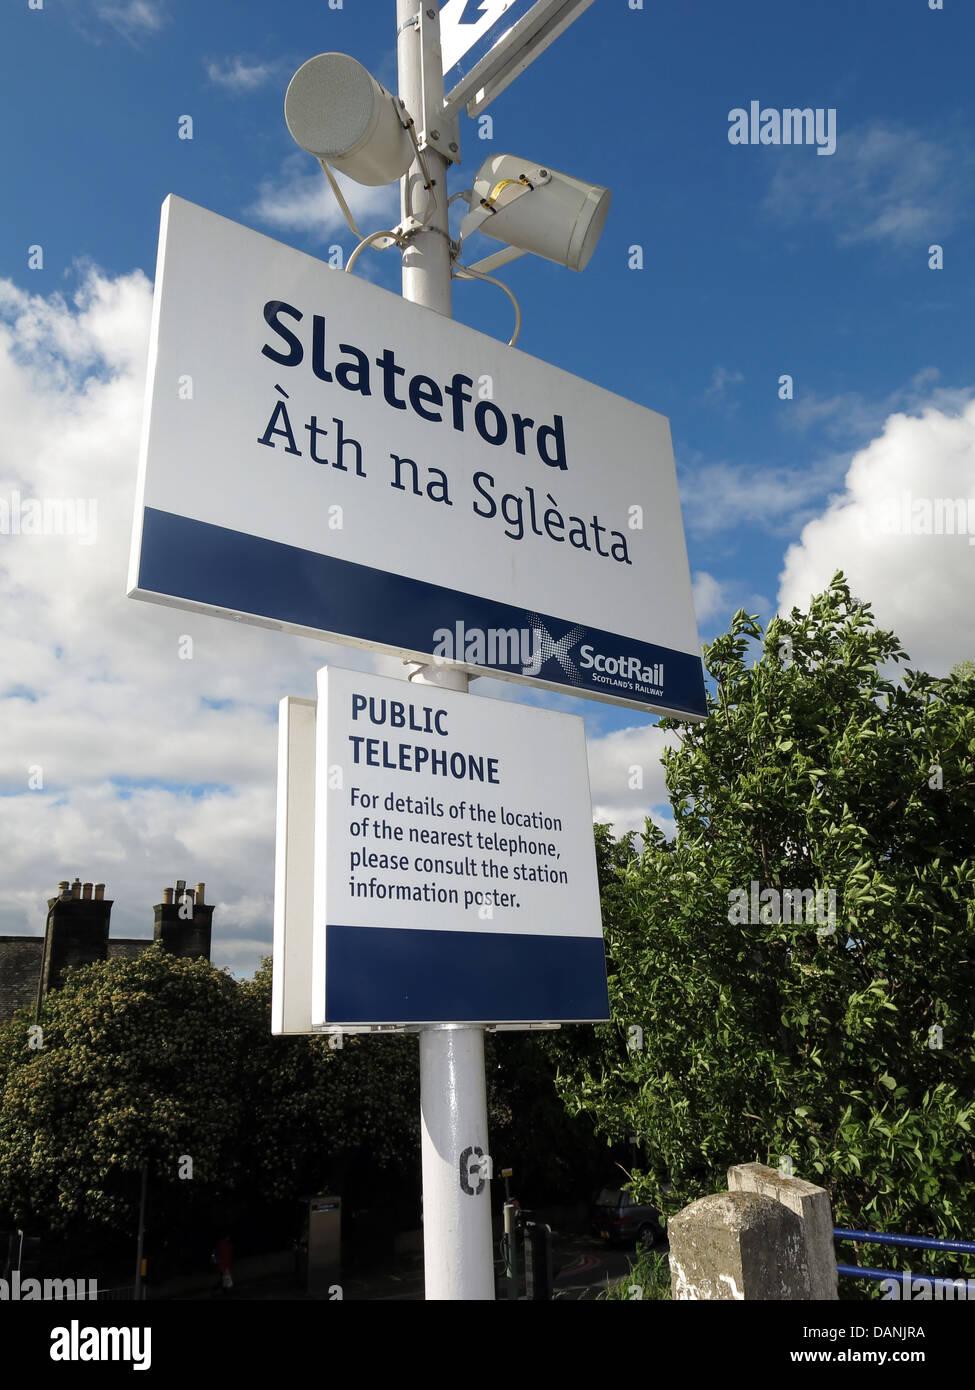 Laden Sie dieses Alamy Stockfoto Mehrsprachige Zeichen in Slateford Bahnhof in Edinburgh Schottland, Vereinigtes Königreich - DANJRA